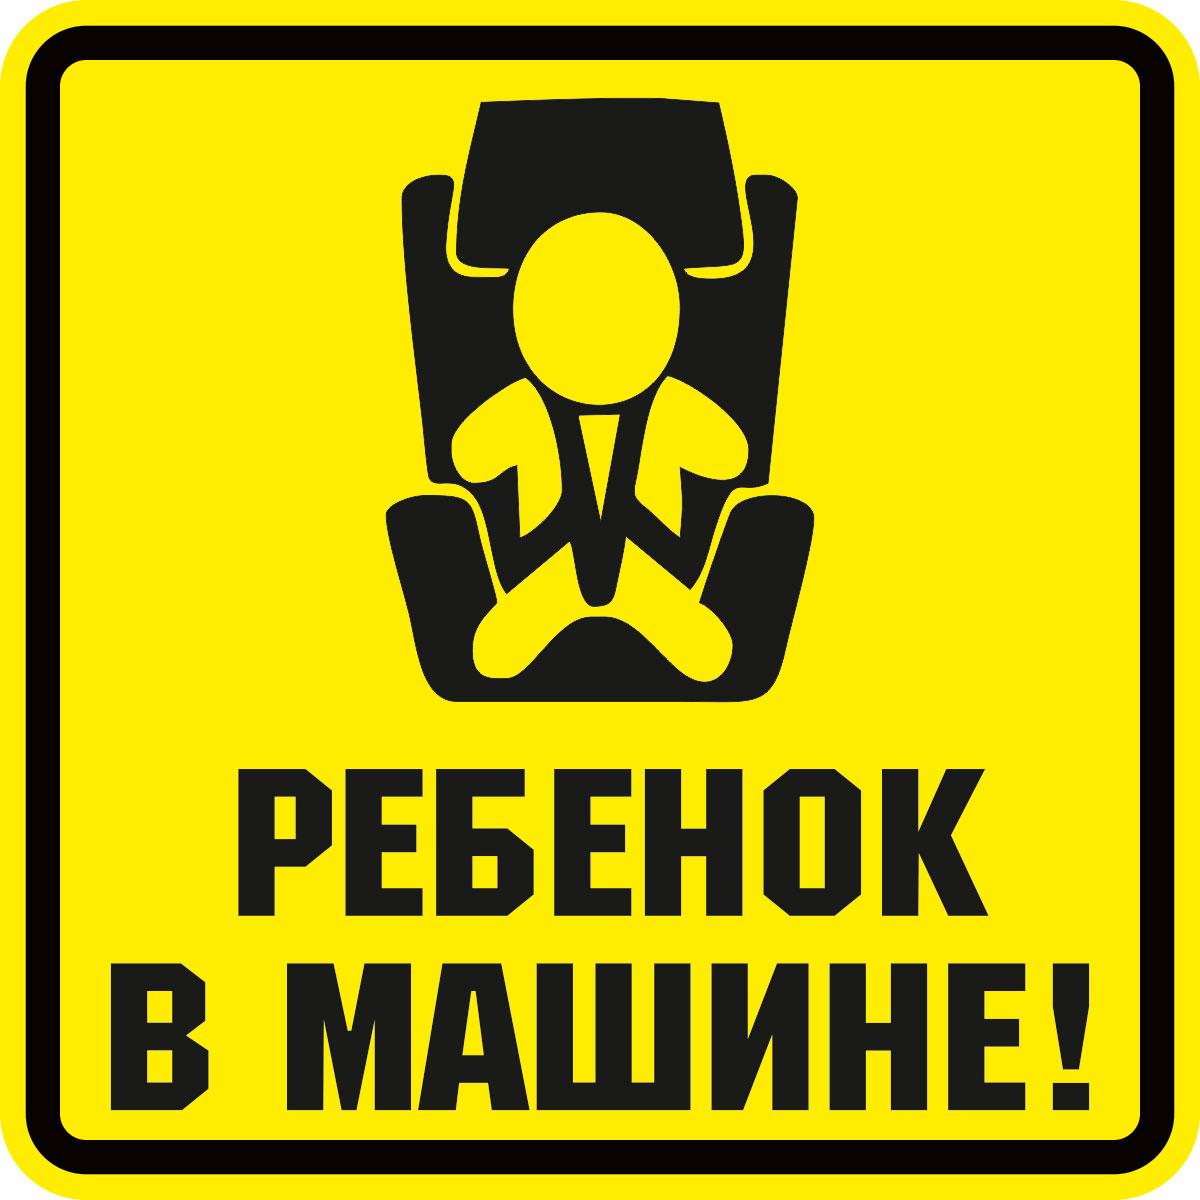 Наклейка автомобильная Оранжевый слоник Ребенок в машине!, виниловая. 150AZ004YB150AZ004YBОригинальная наклейка Оранжевый слоник Ребенок в машине! изготовлена из высококачественной виниловой пленки, которая выполняет не только декоративную функцию, но и защищает кузов автомобиля от небольших механических повреждений, либо скрывает уже существующие.Виниловые наклейки на автомобиль - это не только красиво, но еще и быстро! Всего за несколько минут вы можете полностью преобразить свой автомобиль, сделать его ярким, необычным, особенным и неповторимым!